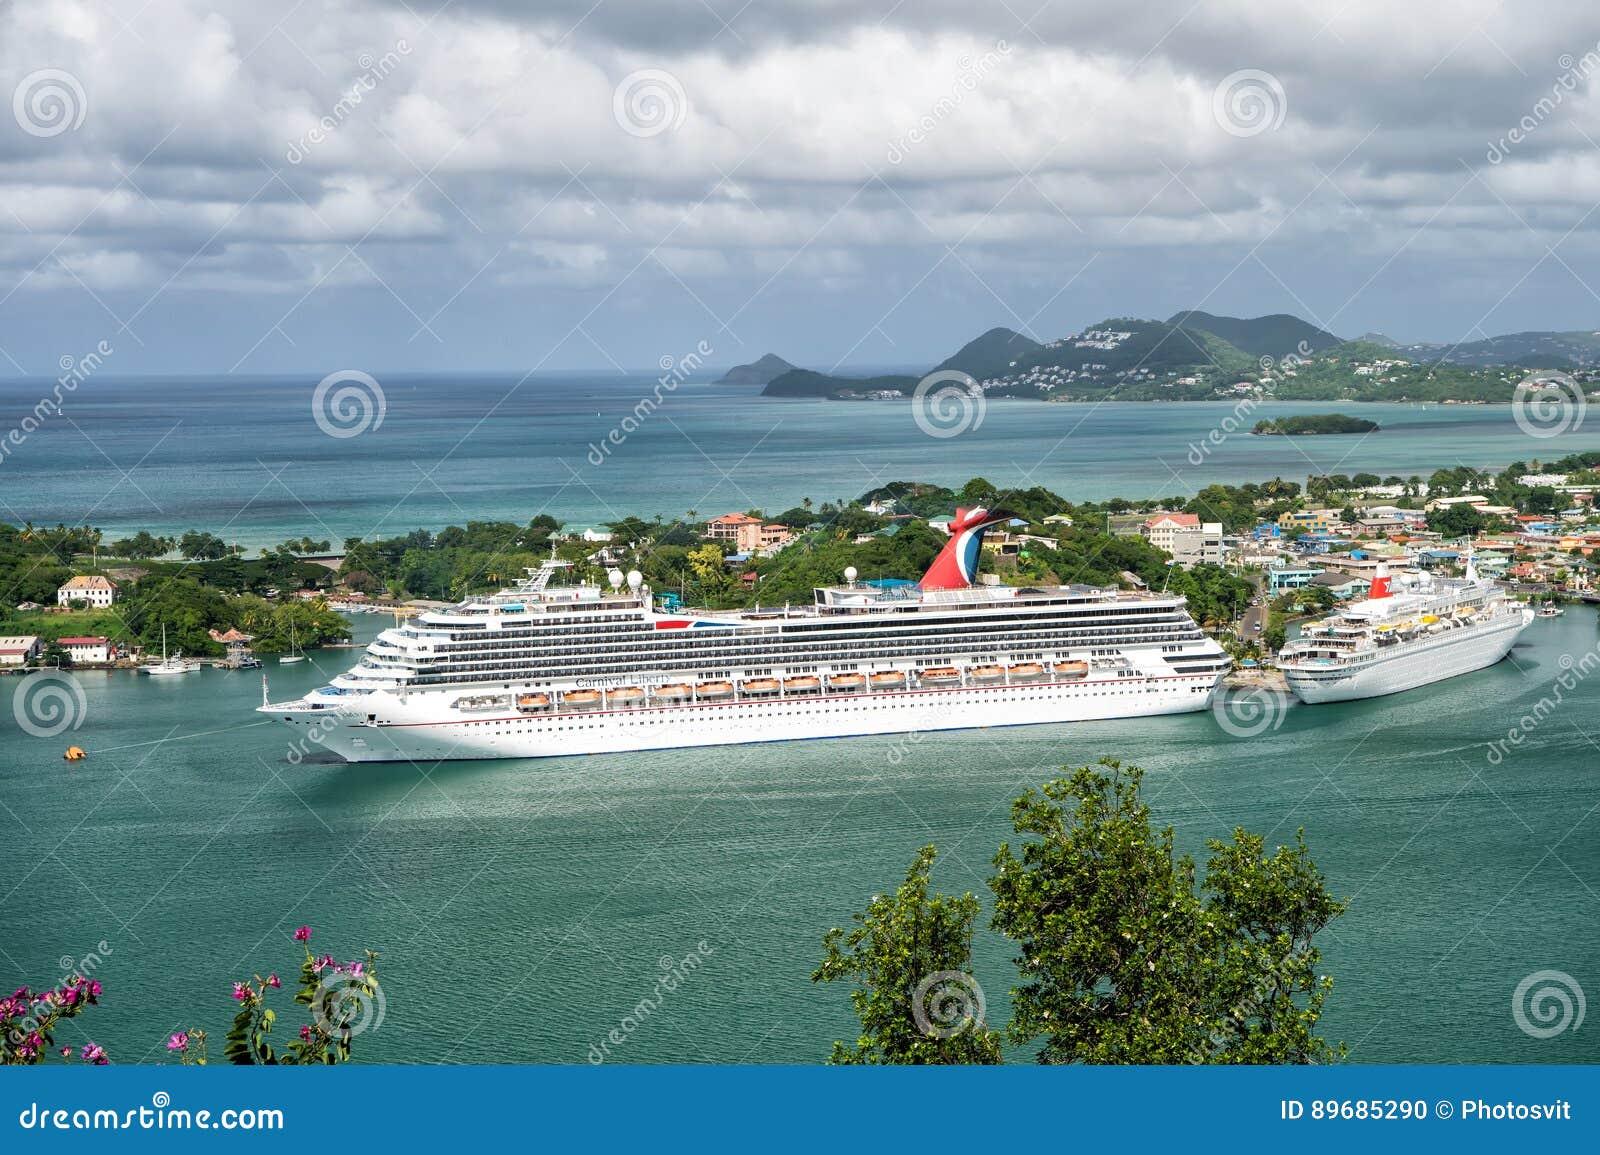 Barco de cruceros grande en bahía en el mar de la isla, Santa Lucía